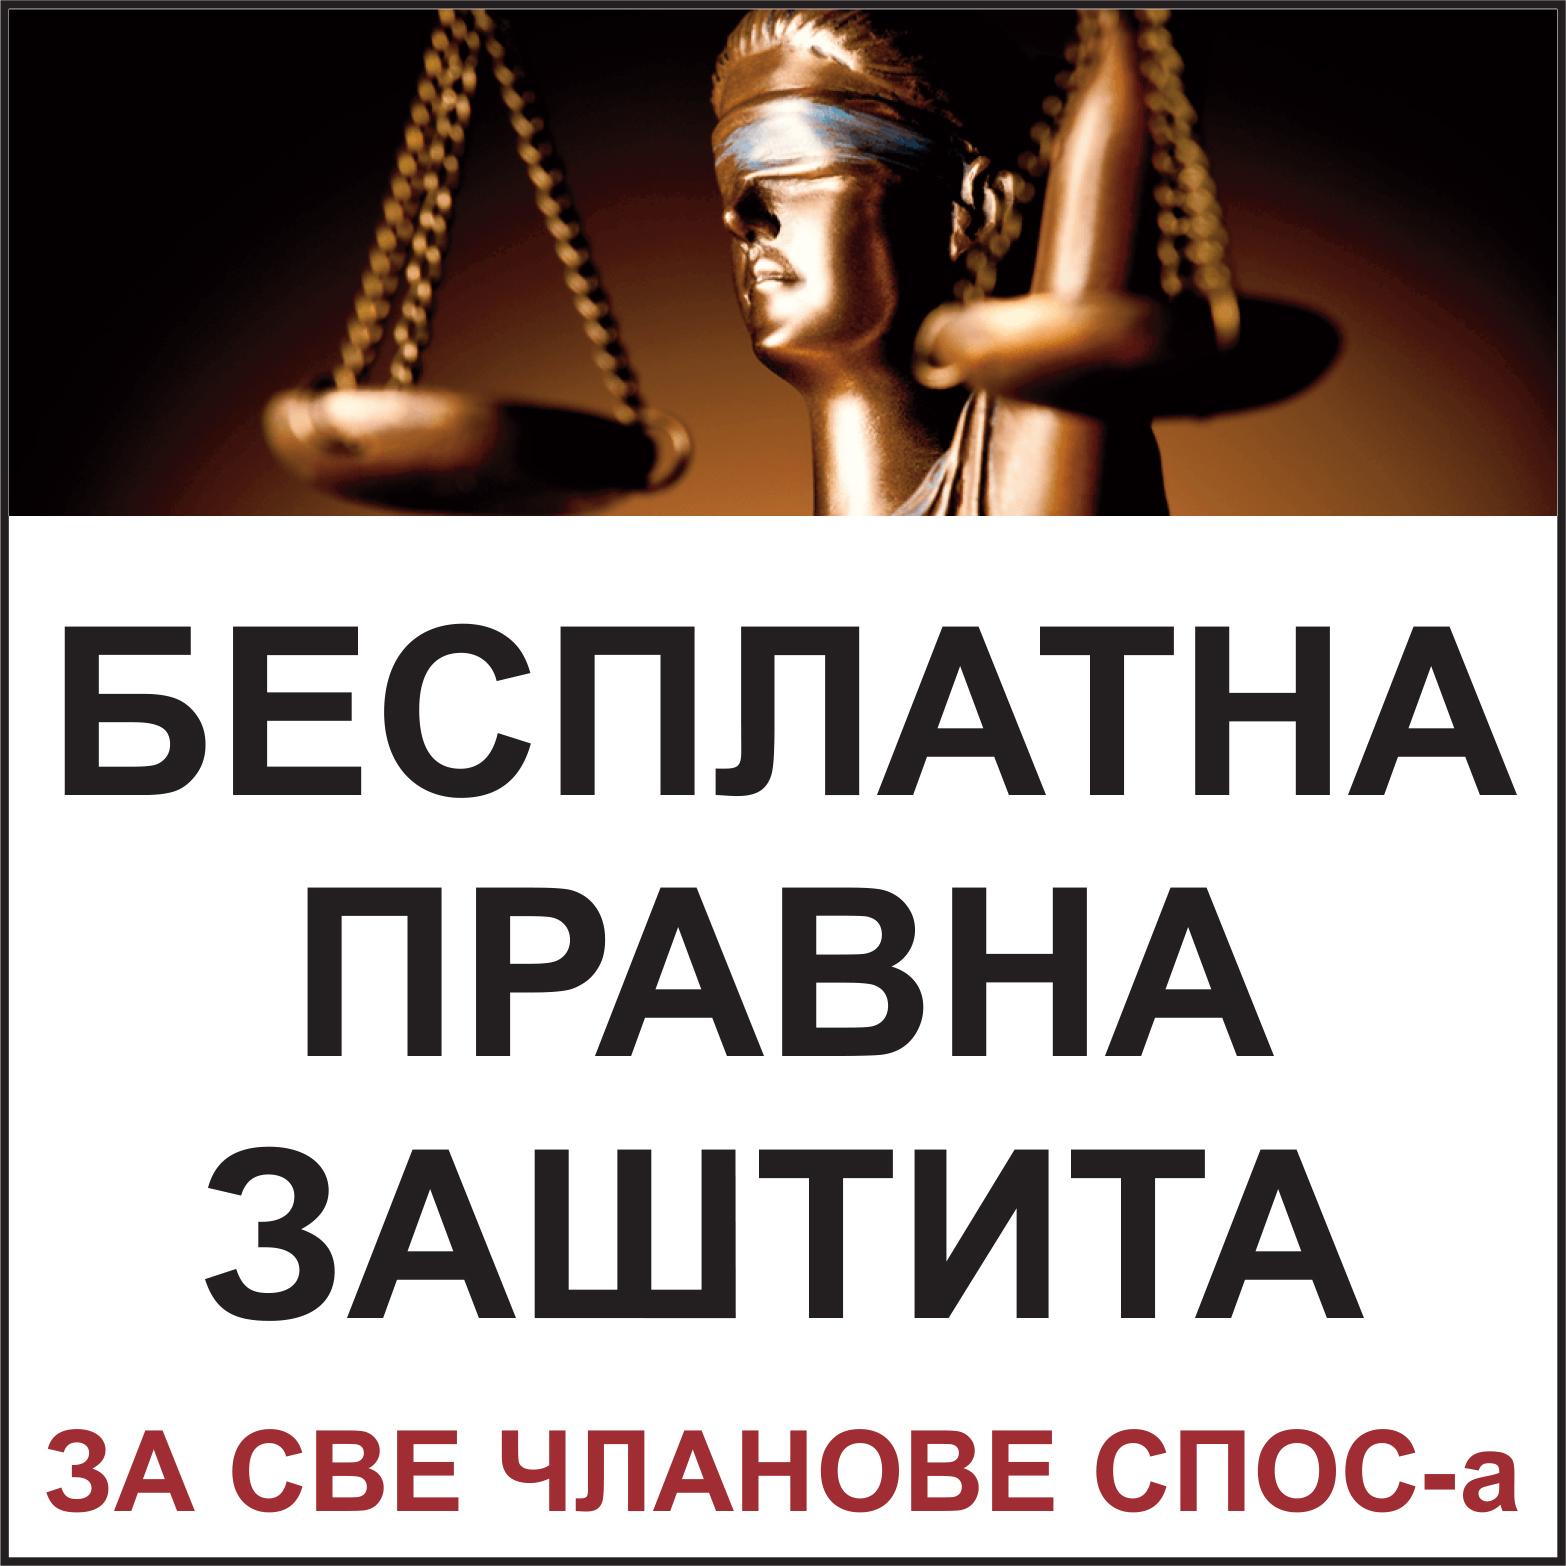 Savez pčelarskih organizacija Srbije